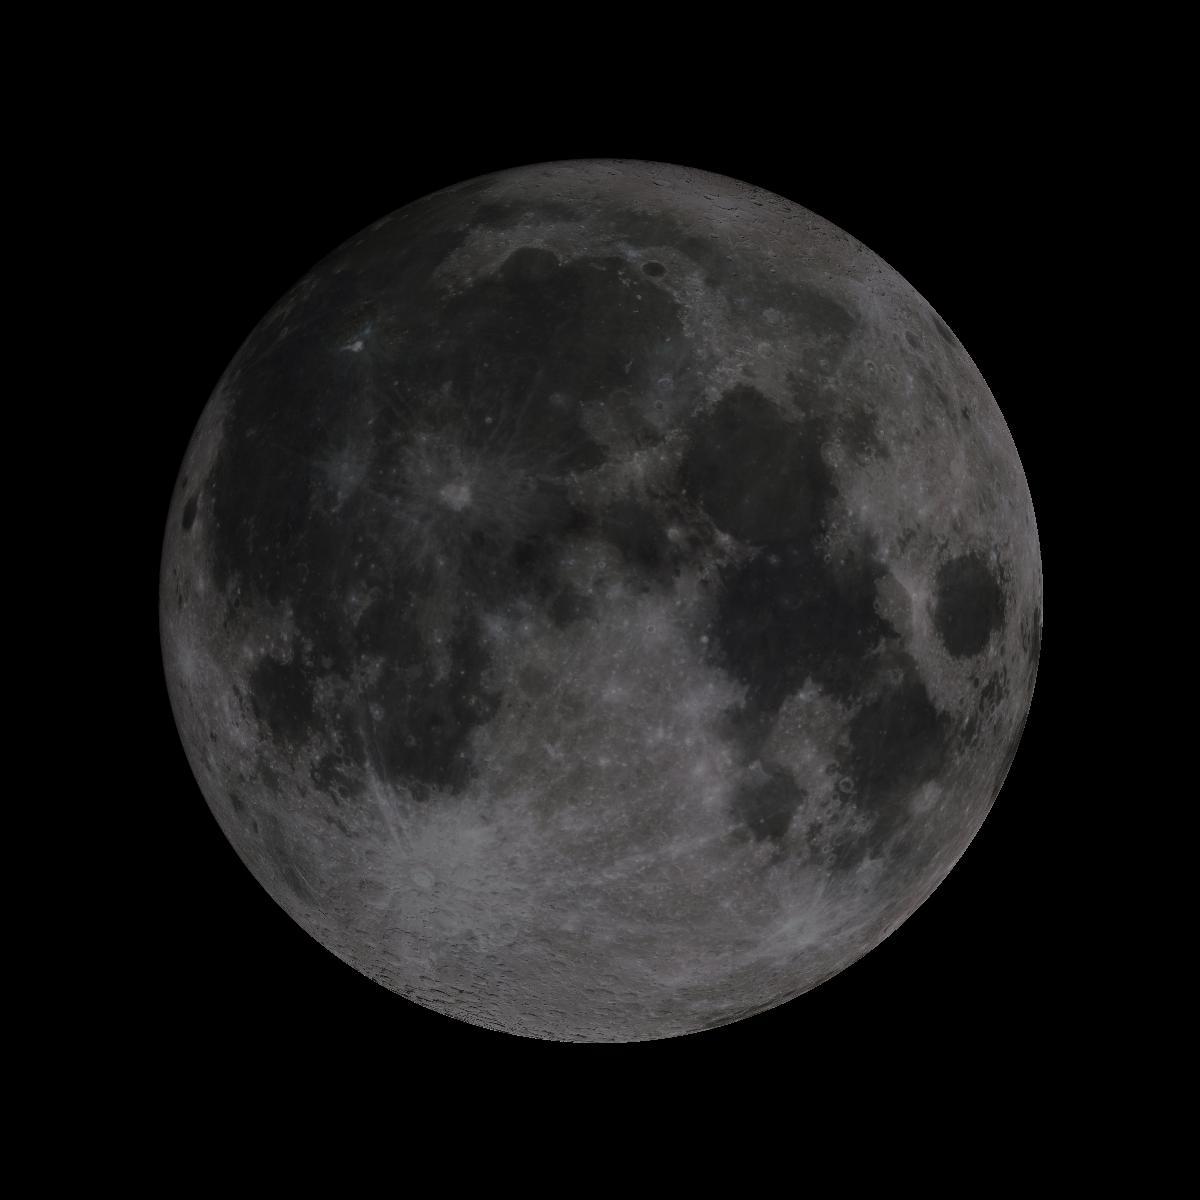 Lune du 15 aout 2019